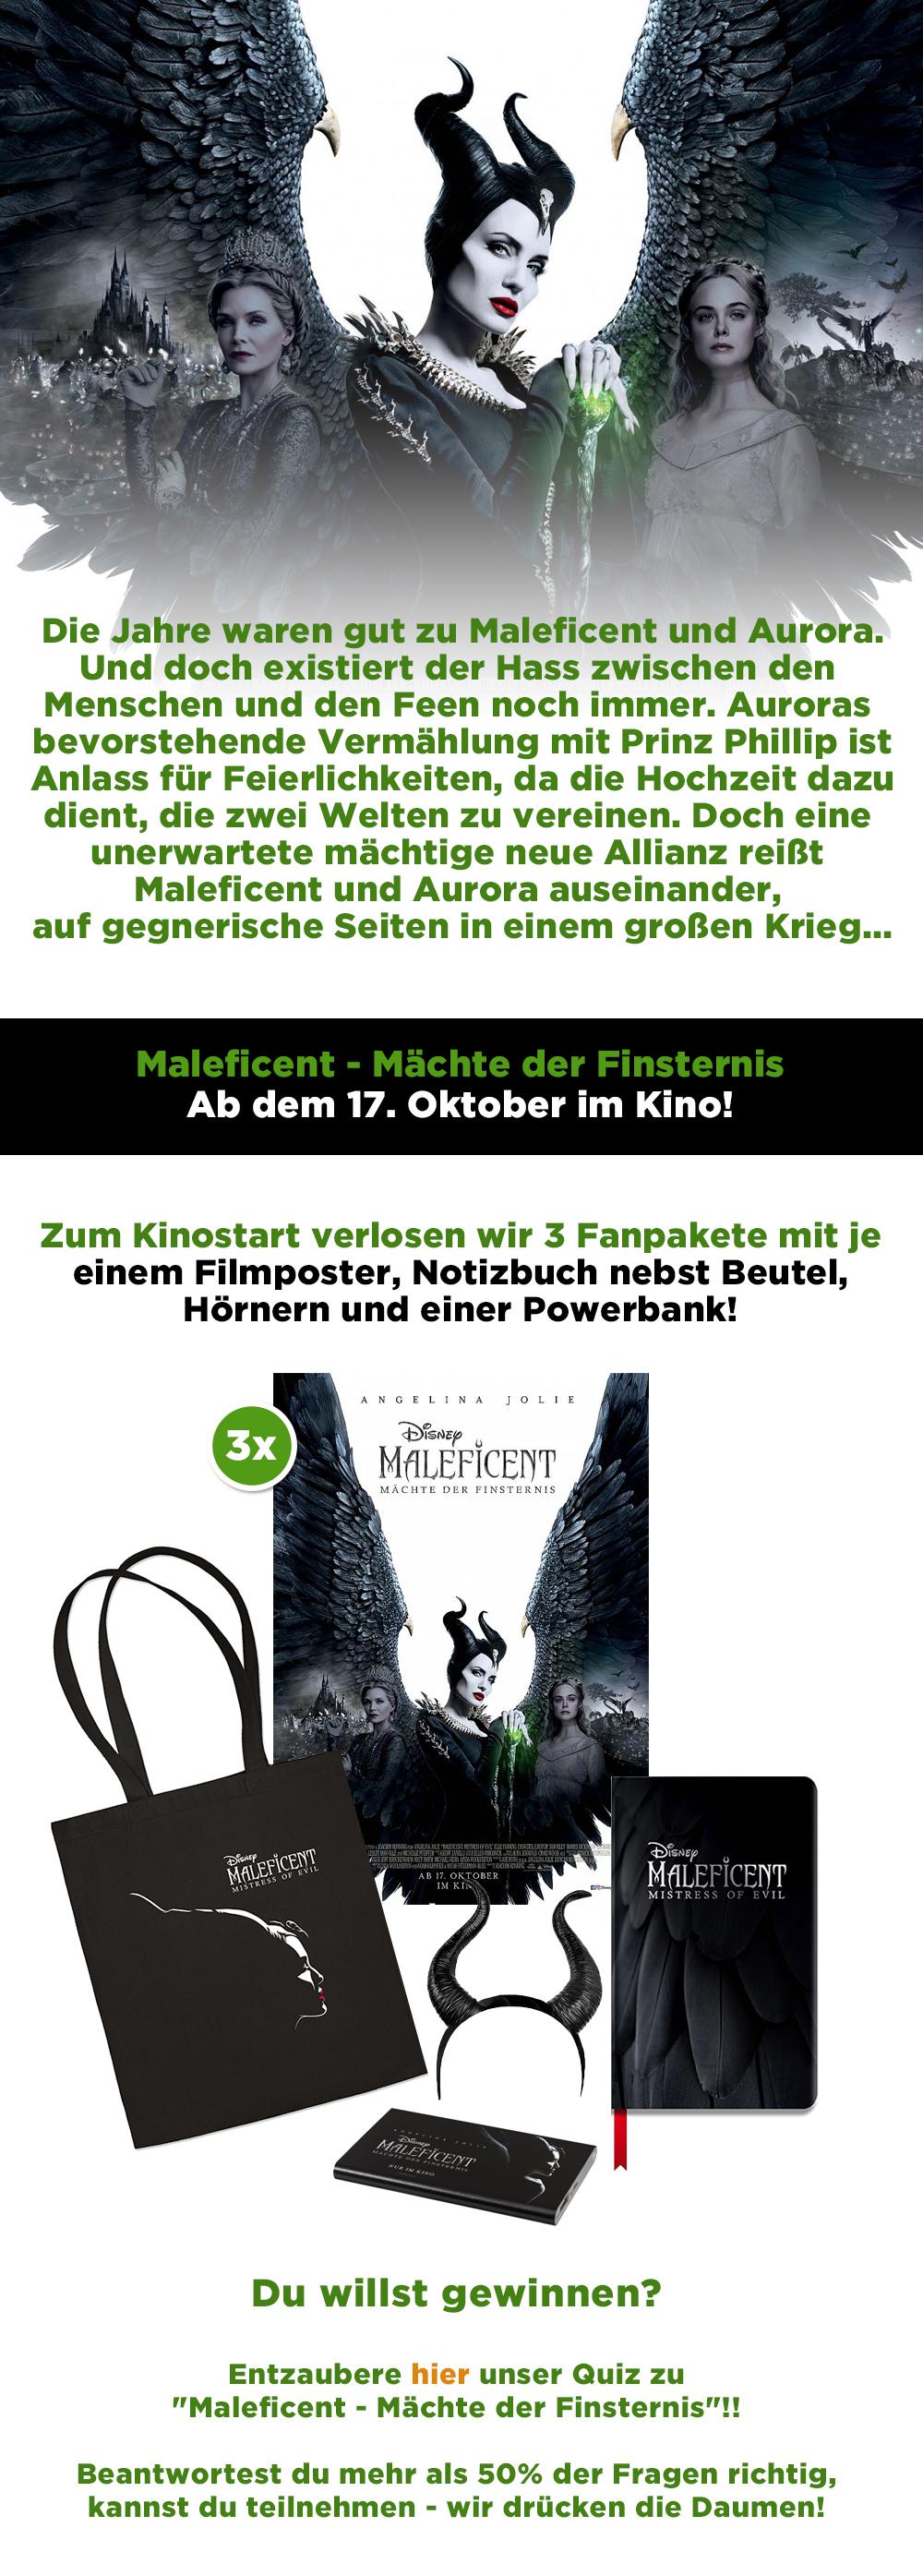 """Bild 1:Entzaubere unser Gewinnspiel zu """"Maleficent - Mächte der Finsternis"""""""